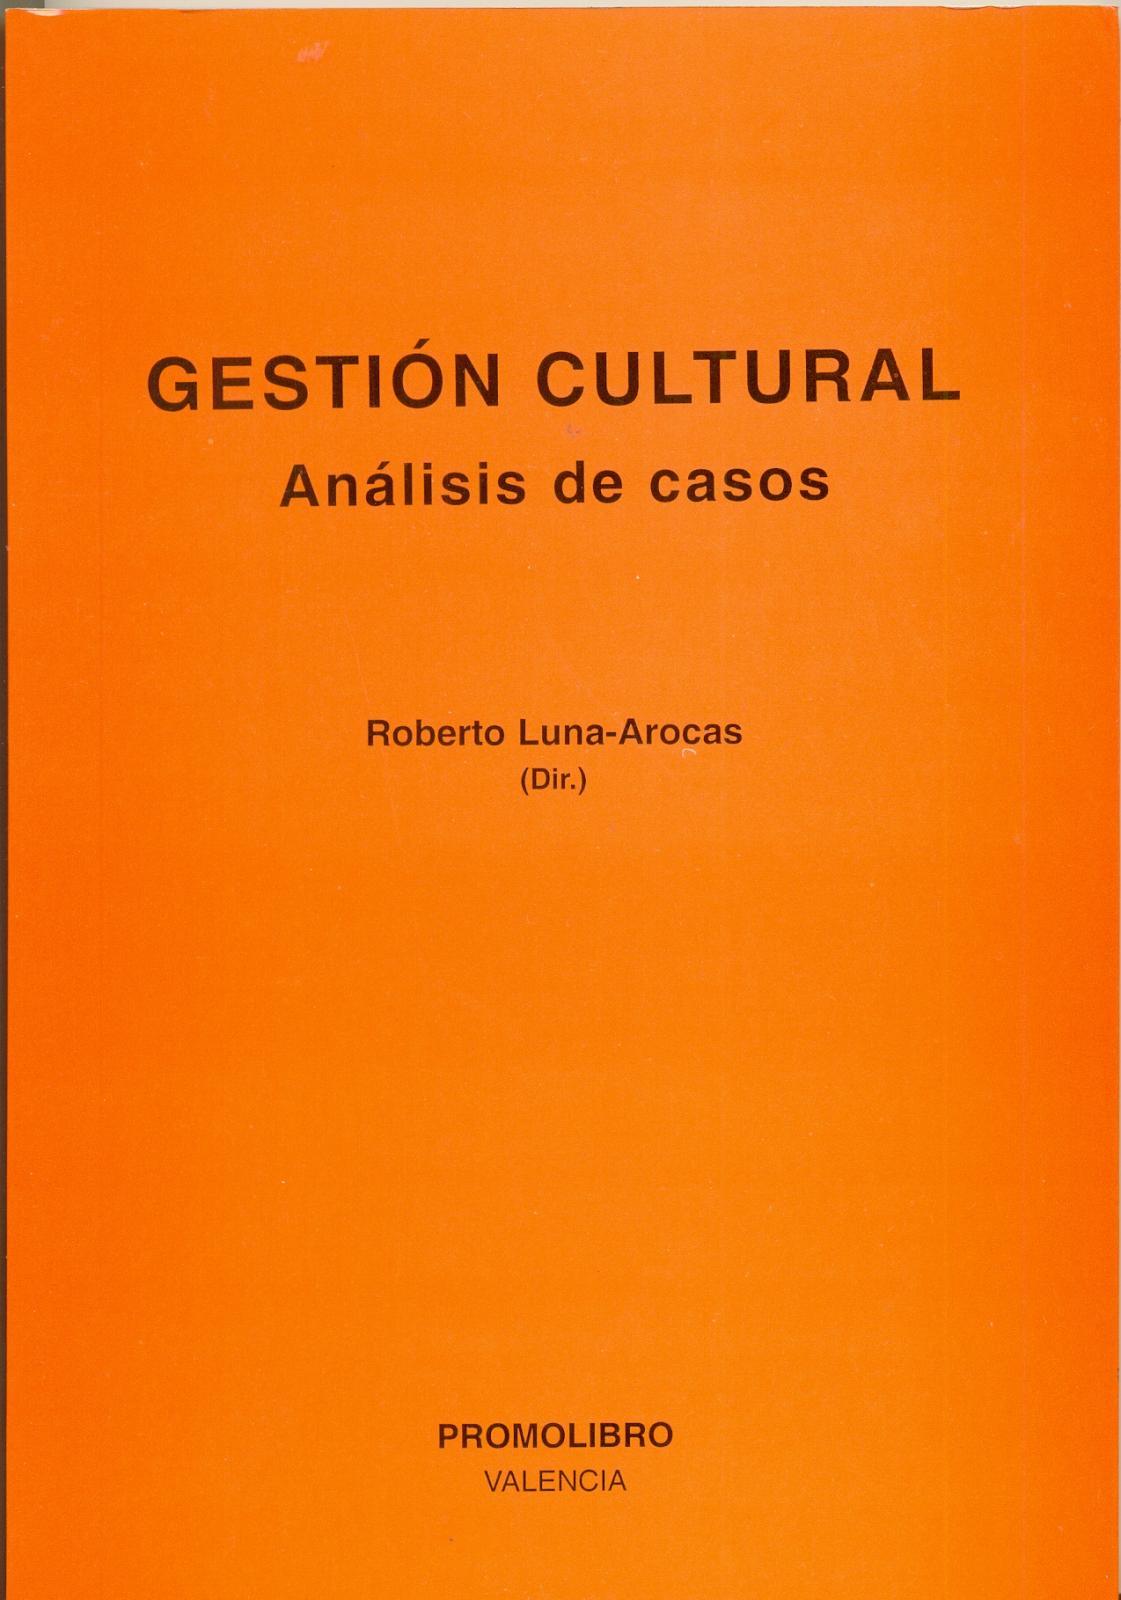 GESTIÓN CULTURAL. ANÁLISIS DE CASOS